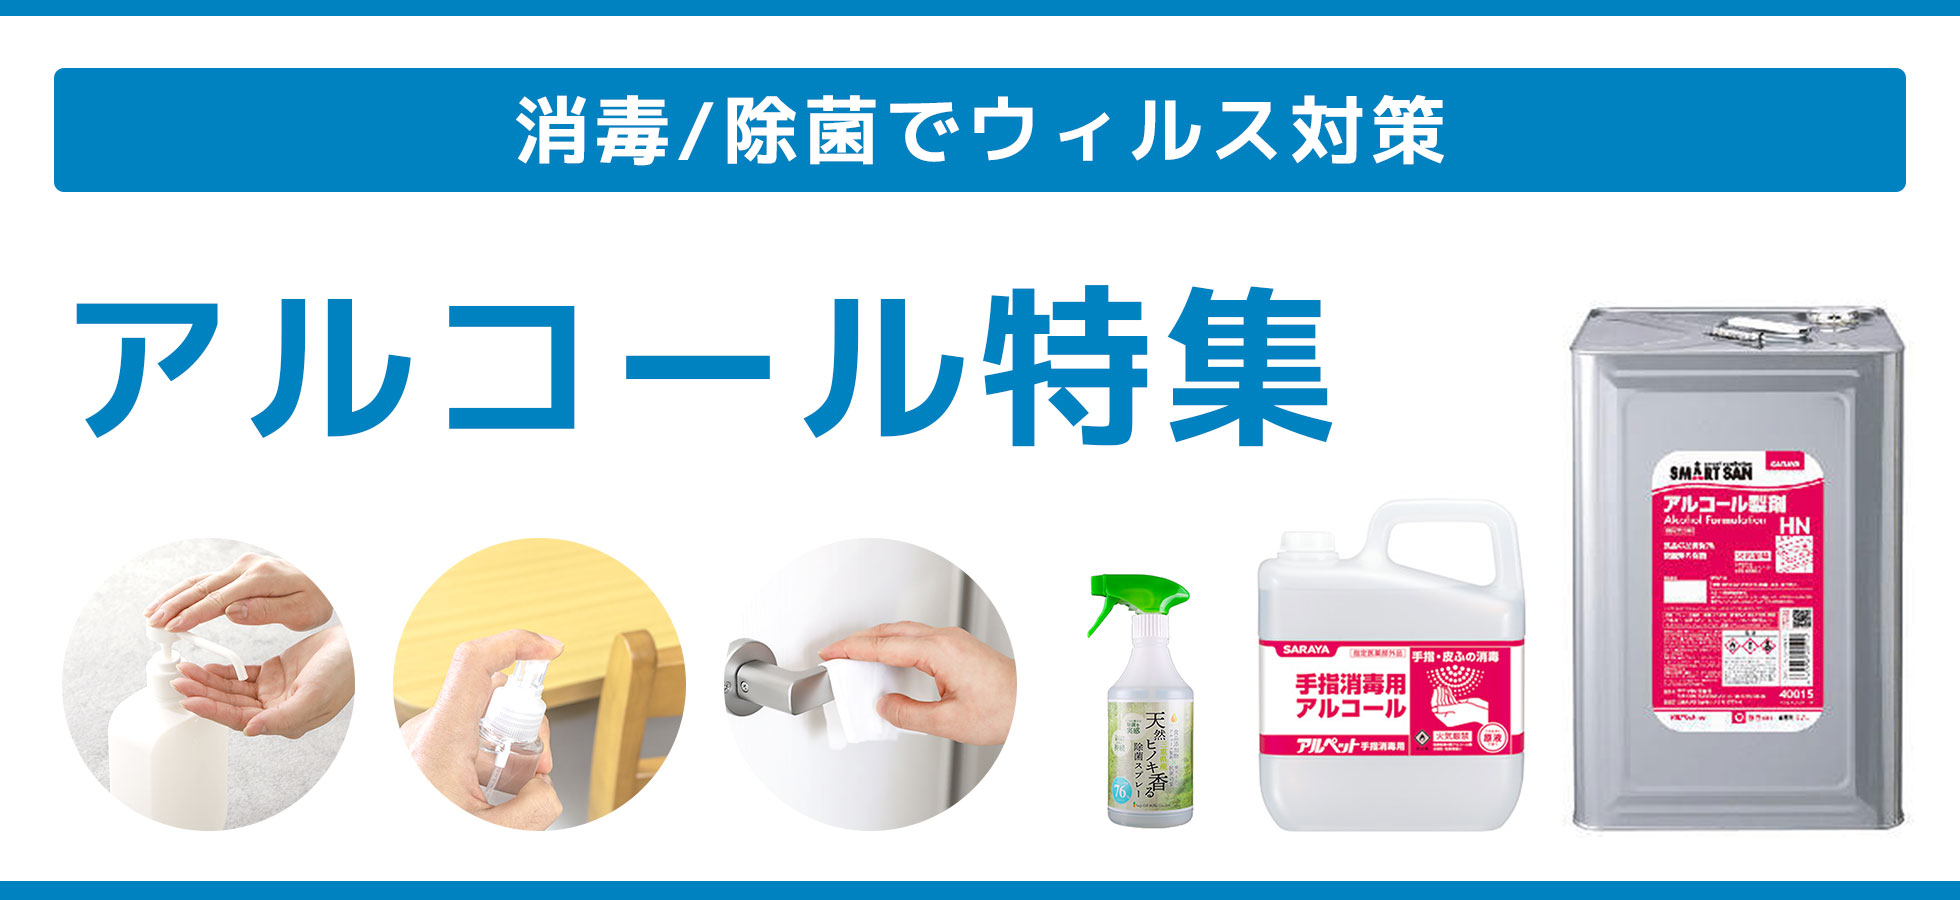 消毒/除菌でウィルス対策 アルコール特集